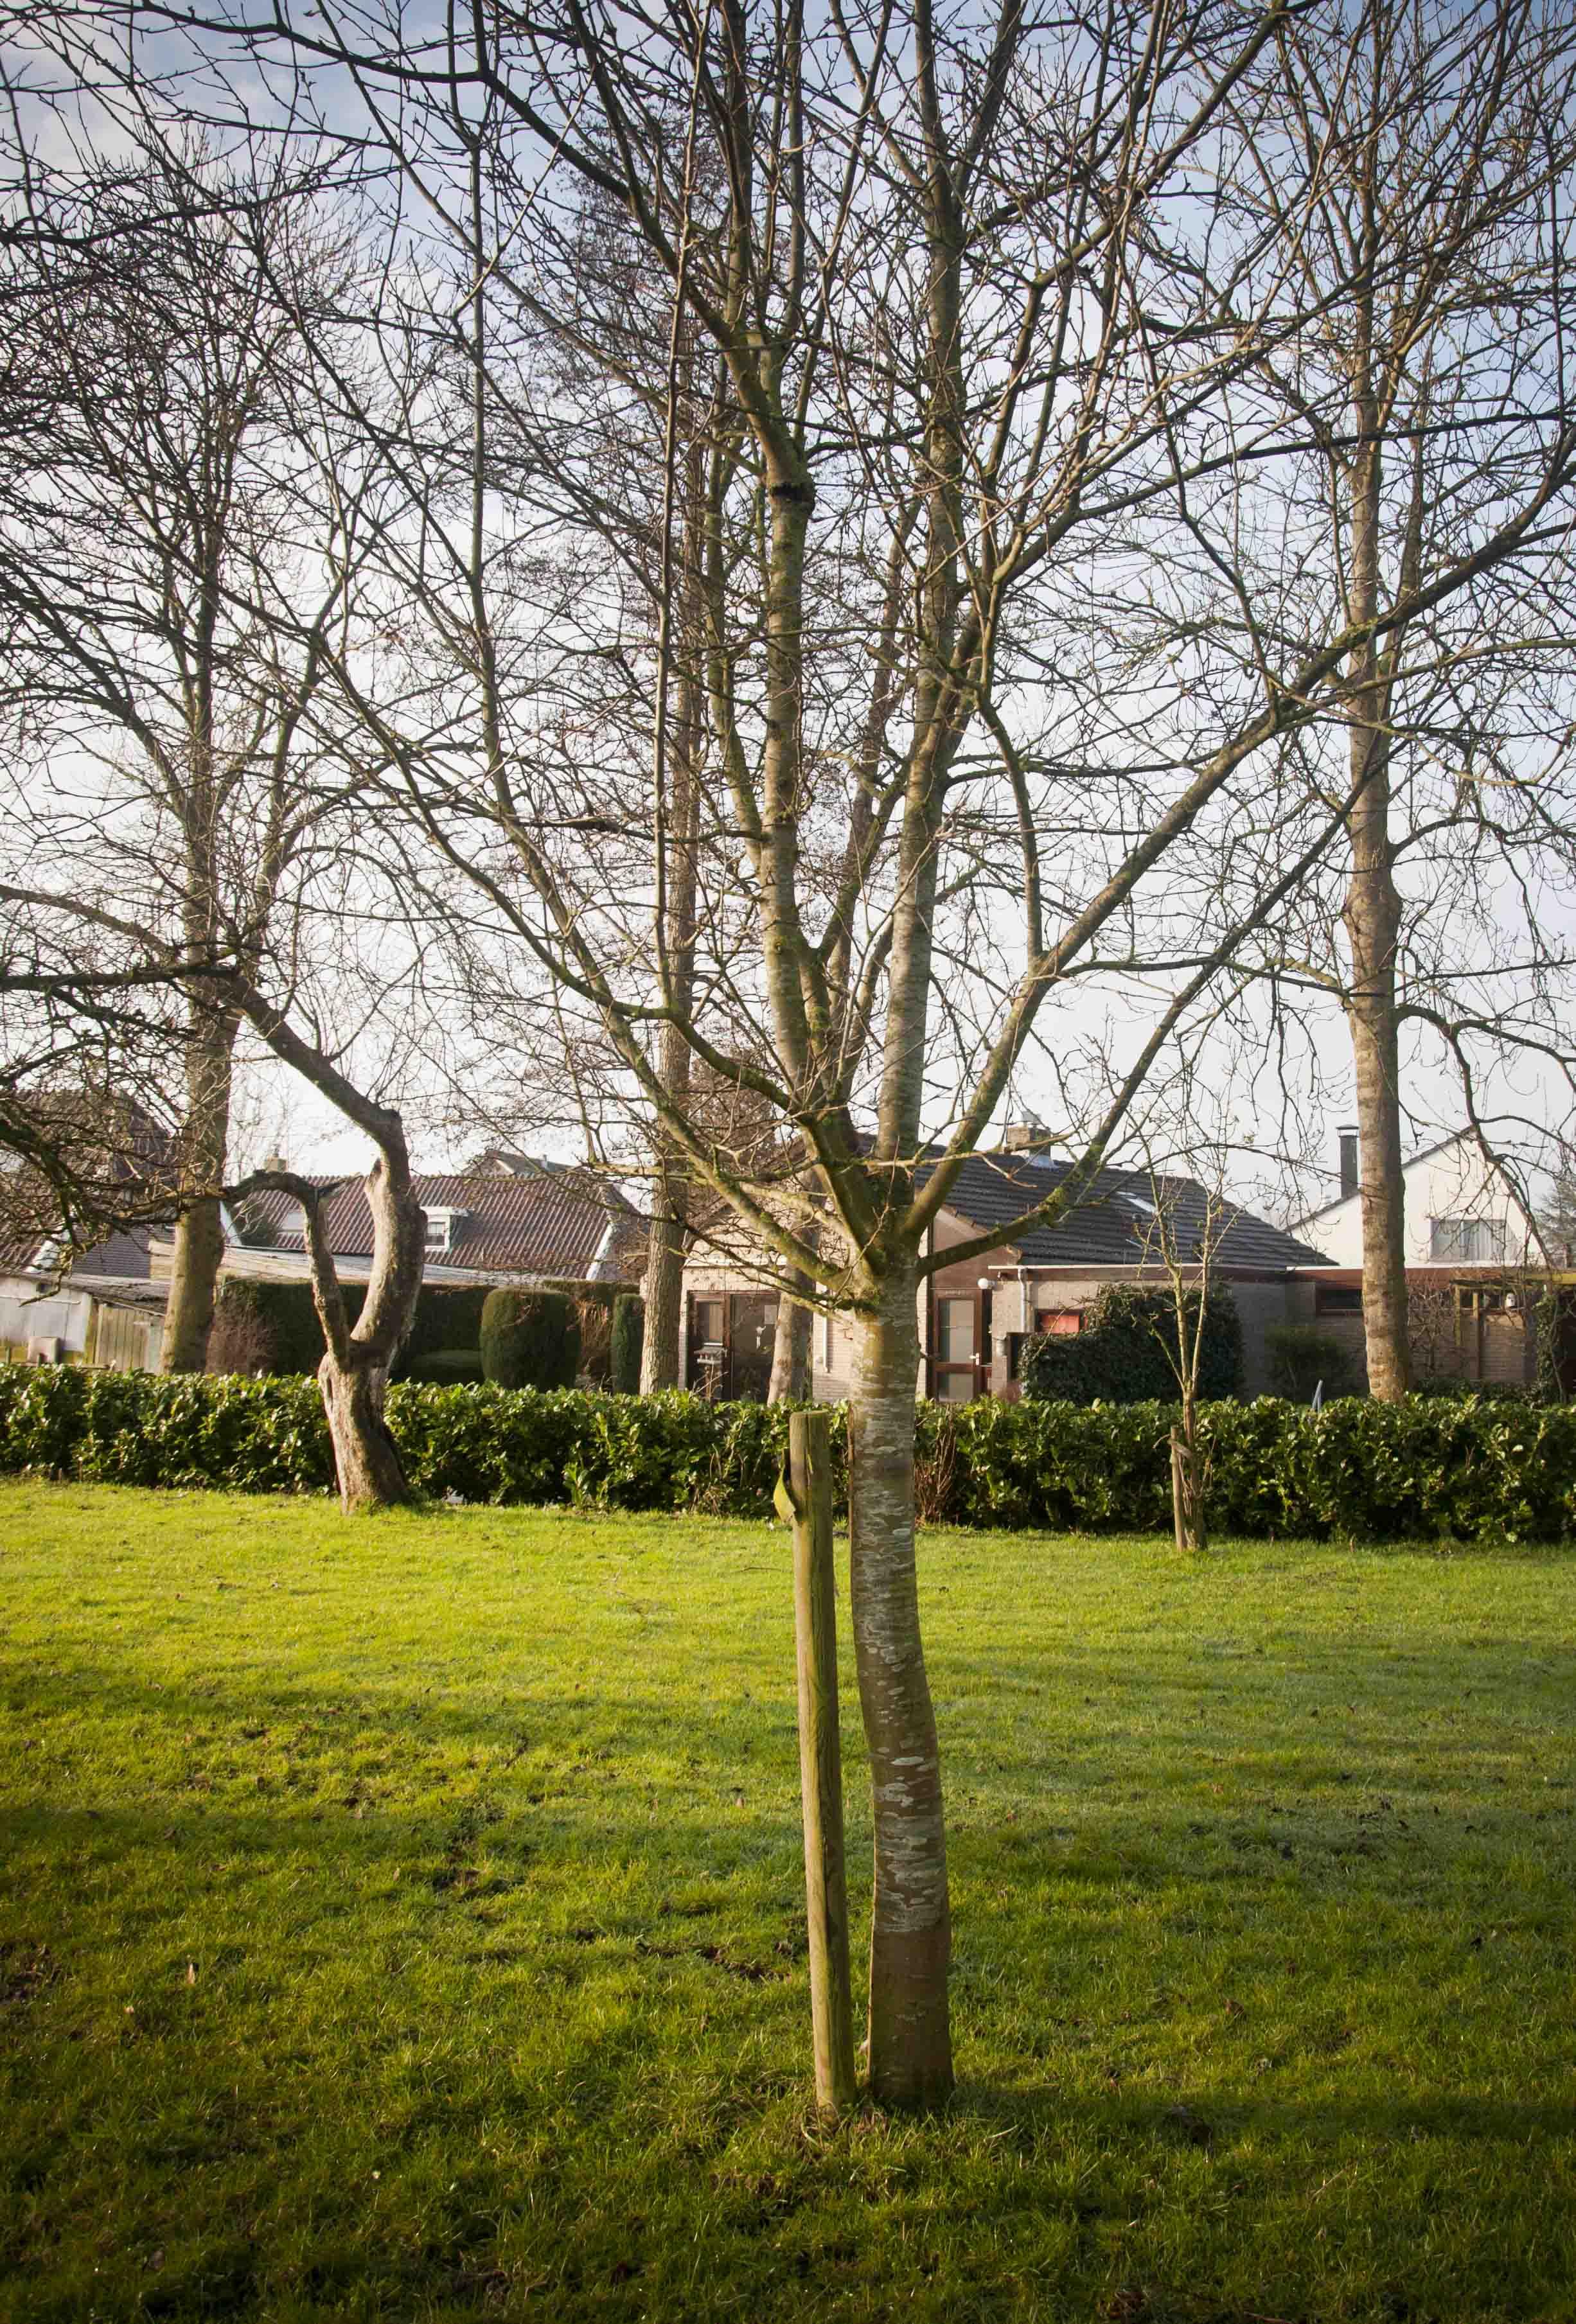 2012-01-28-hsb-wanneperveen-3513